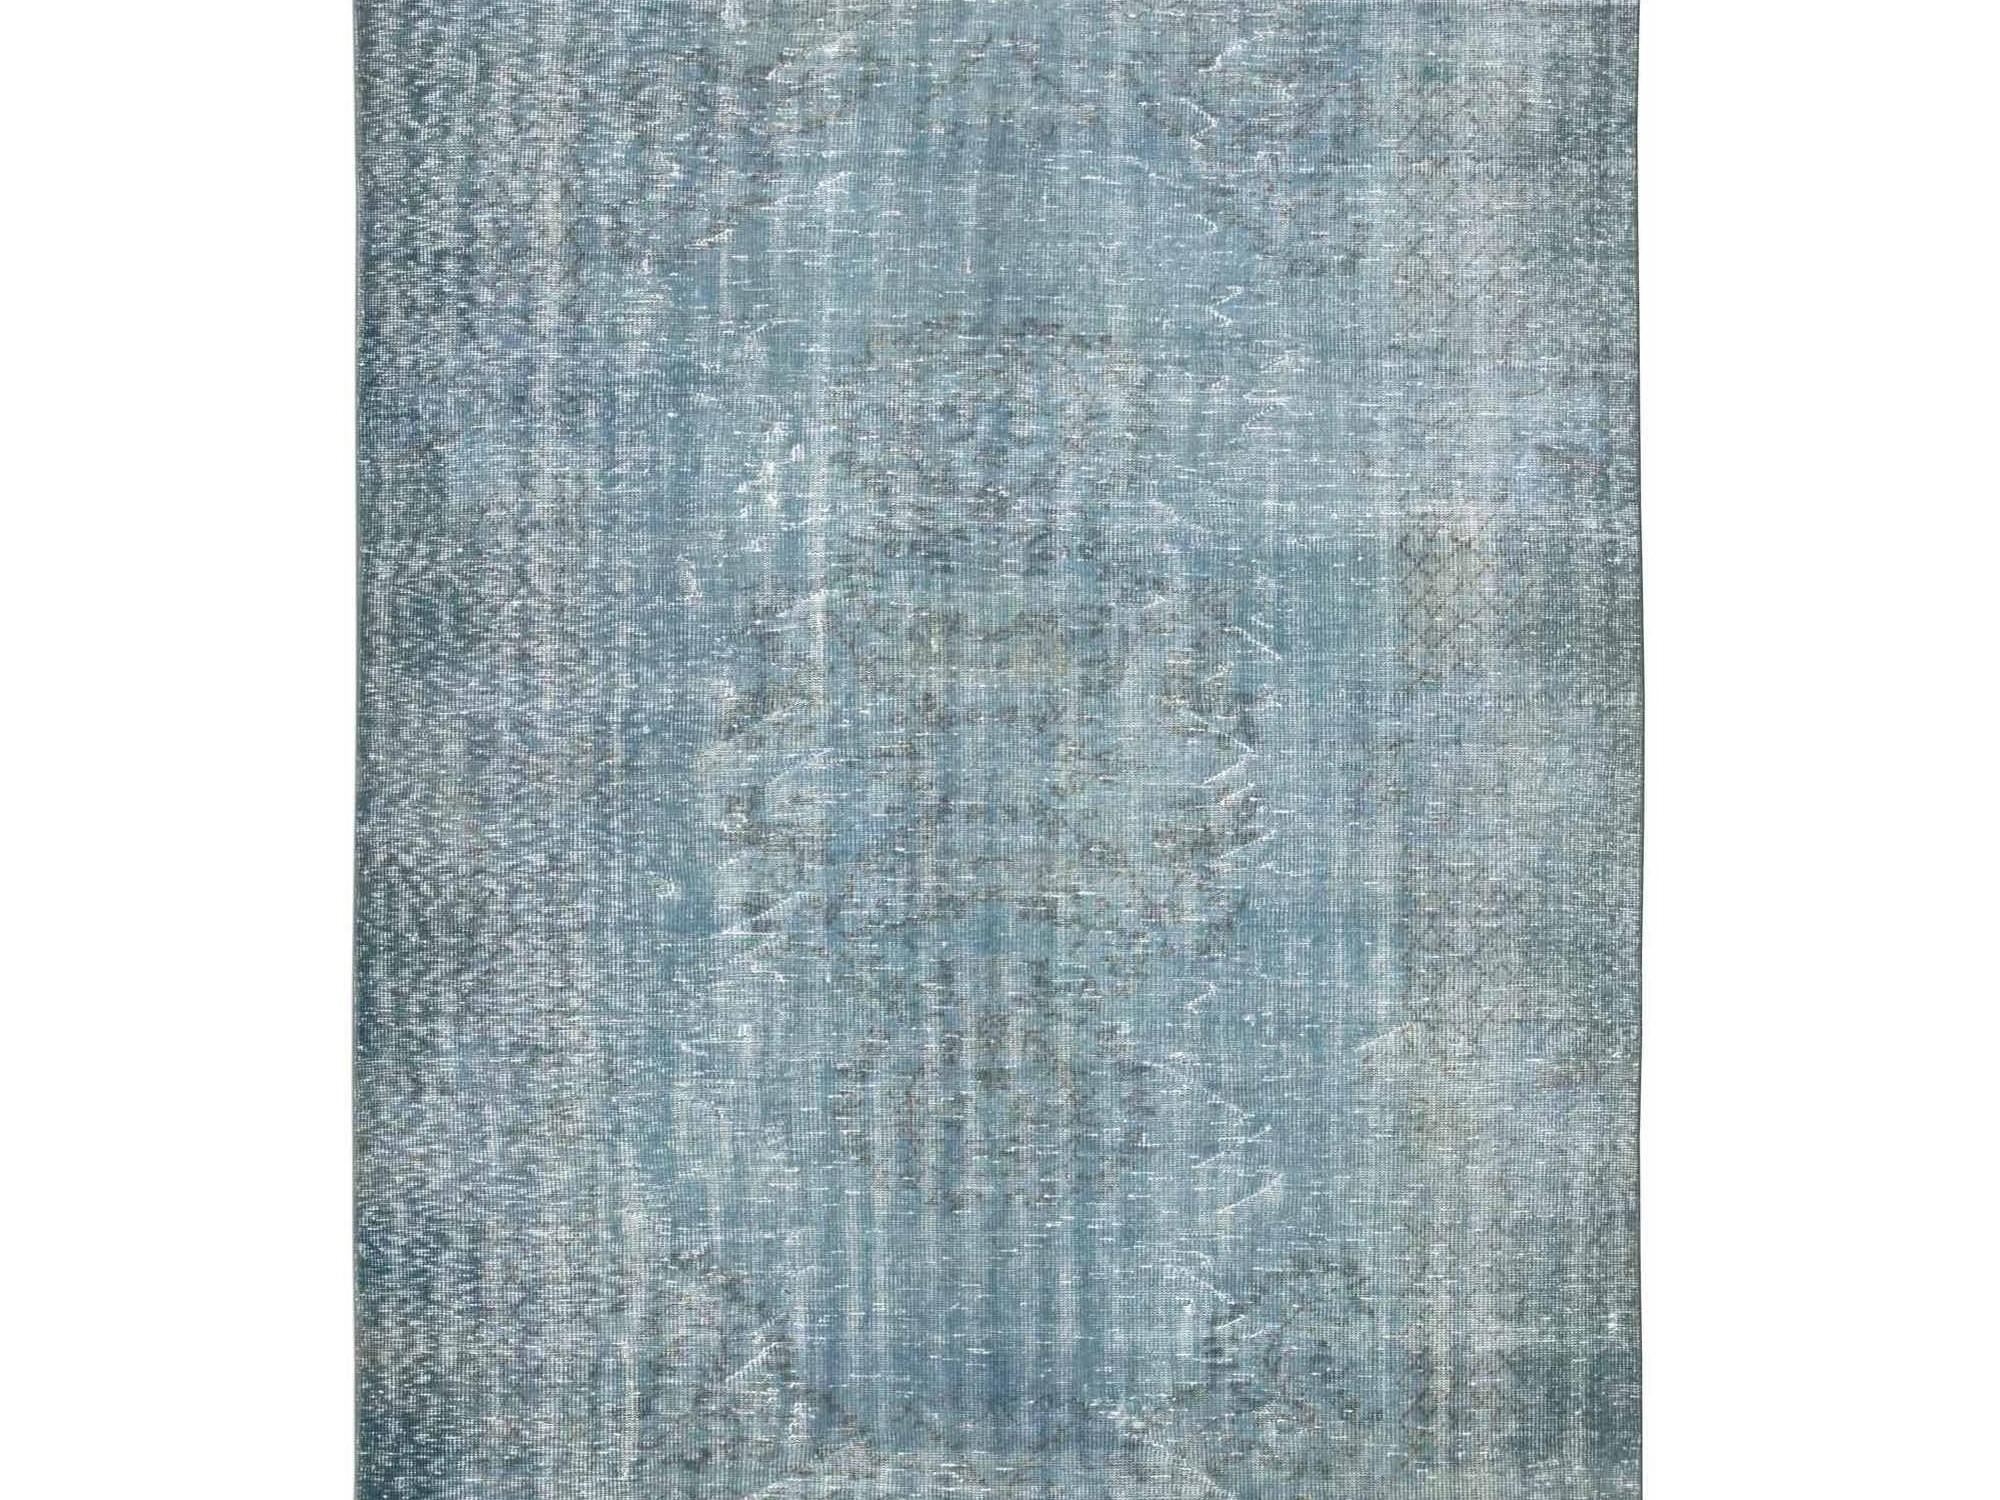 Ковер PatchworkПрямоугольные ковры<br>Винтажный ковер ручной работы в стиле &amp;quot;пэчворк&amp;quot; <br>из 100% шерсти. Ковер прекрасно подходит в <br>любые современные и классические интерьеры, <br>а благодаря толщине ковра всего 5 мм. и отсутствию <br>ворса, его легко чистить любыми видами пылесосов. <br>Этот настоящий ковер ручной работы не потеряет <br>своих красок и будет служить десятилетия.<br><br>Material: Шерсть<br>Ширина см: 200<br>Глубина см: 296